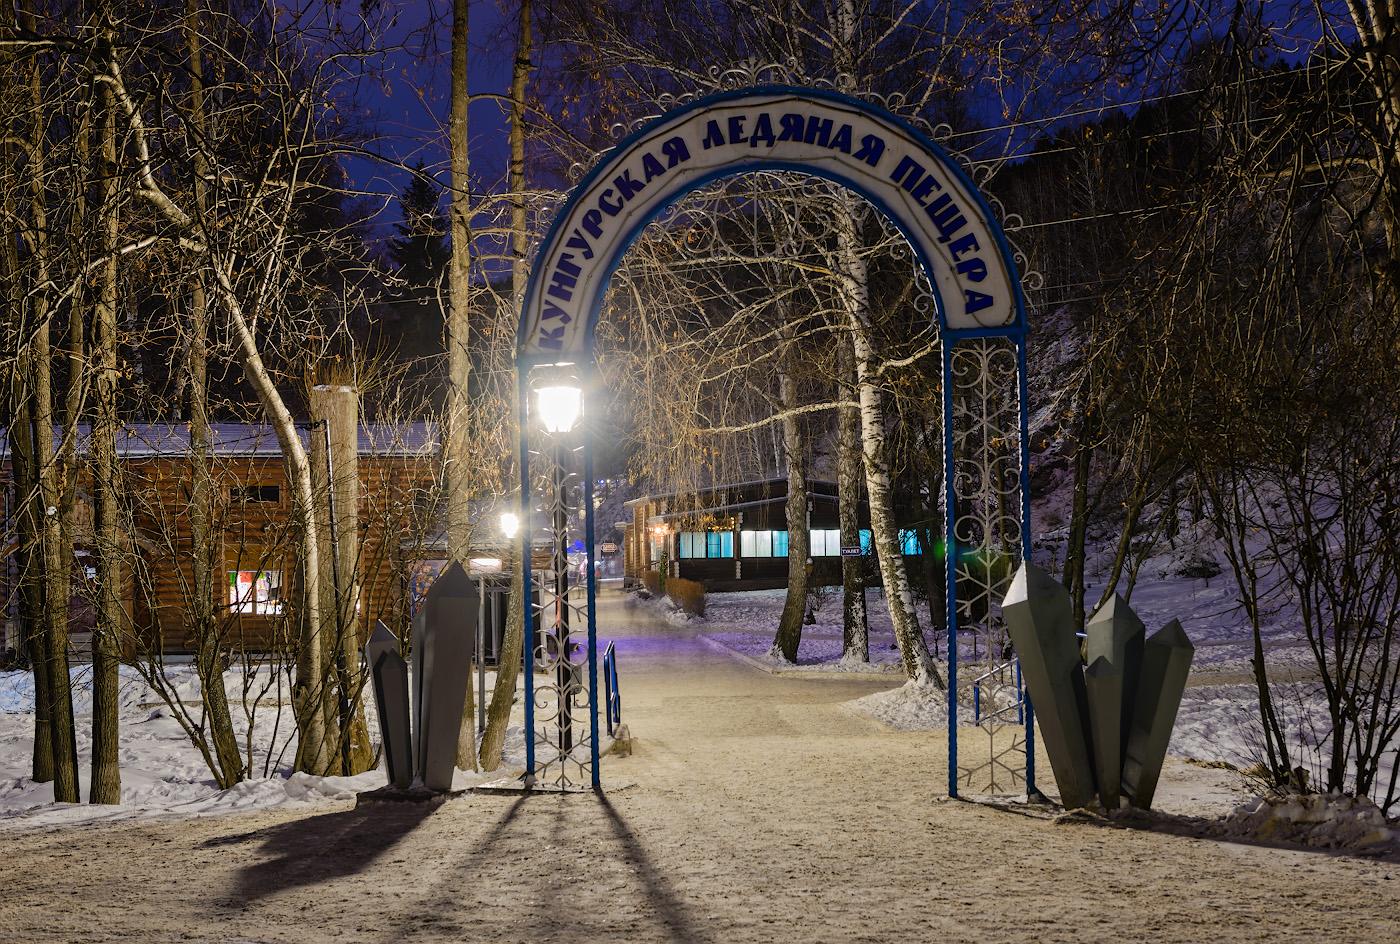 Фотография 3. Вход на территорию комплекса Кунгурской ледяной пещеры. Отзыв о путешествии по интересным местам Пермского края на автомобиле. 30, +5.0 EV, 8.0, 100, 44.